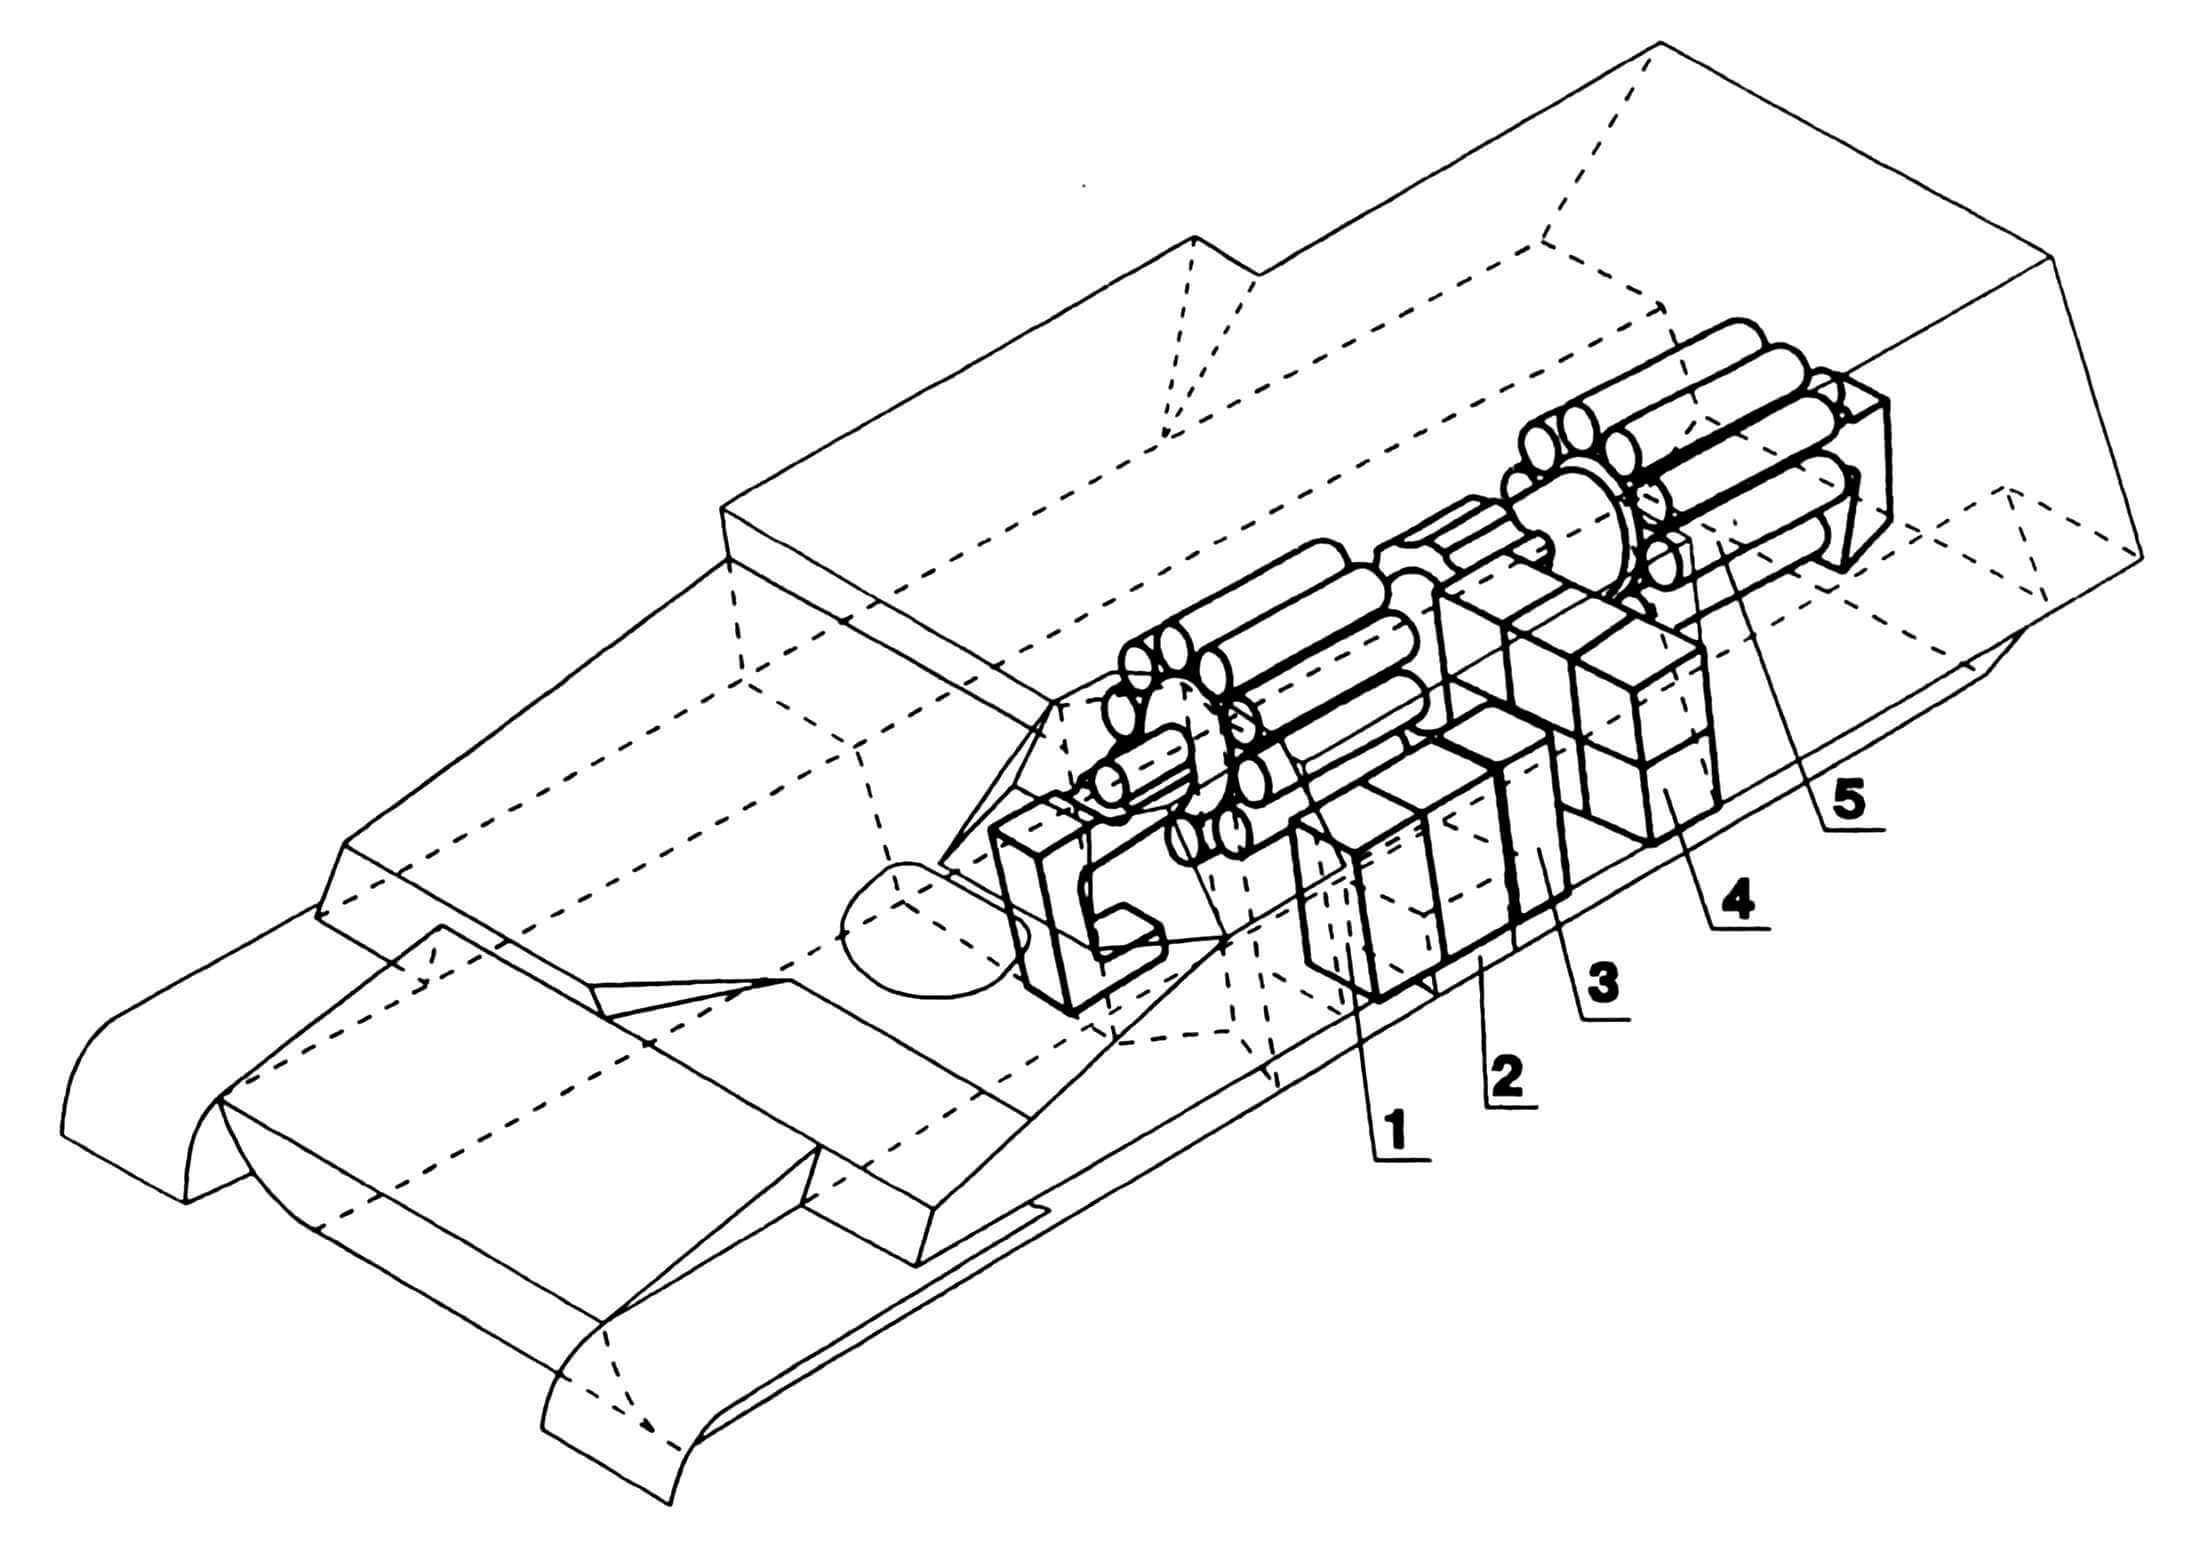 Схема размещения боевого комплекта в машине: 1 — укладка малая, 2 — ящик, 3 — стеллаж, 4 — укладка большая, 5 — укладка механизированная.